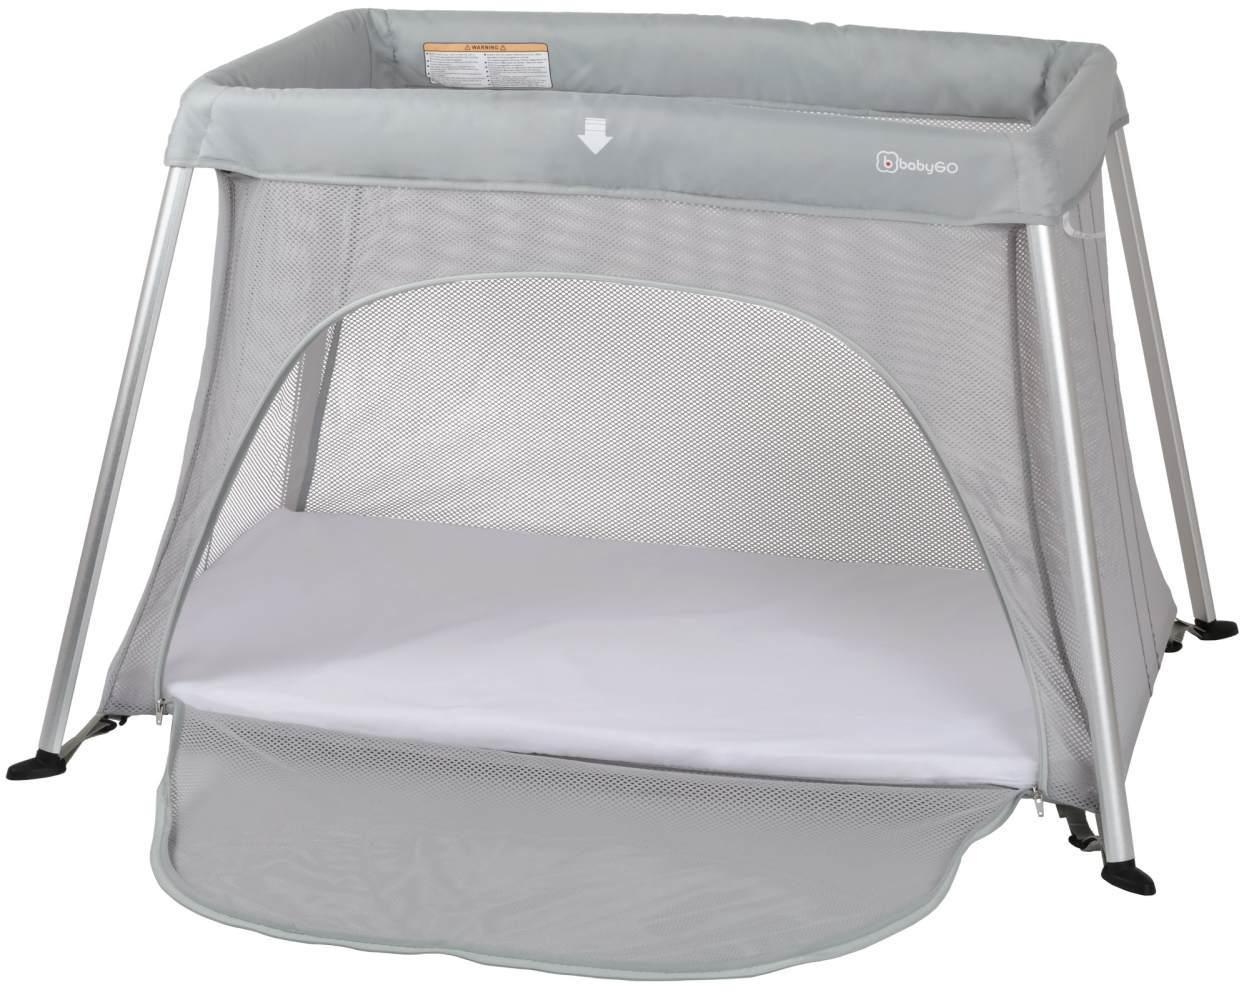 BabyGO 'Dreams' Reisebett, grau, zwei Liegehöhen, inkl. Matratzen 60x100 und 50x80 cm Bild 1